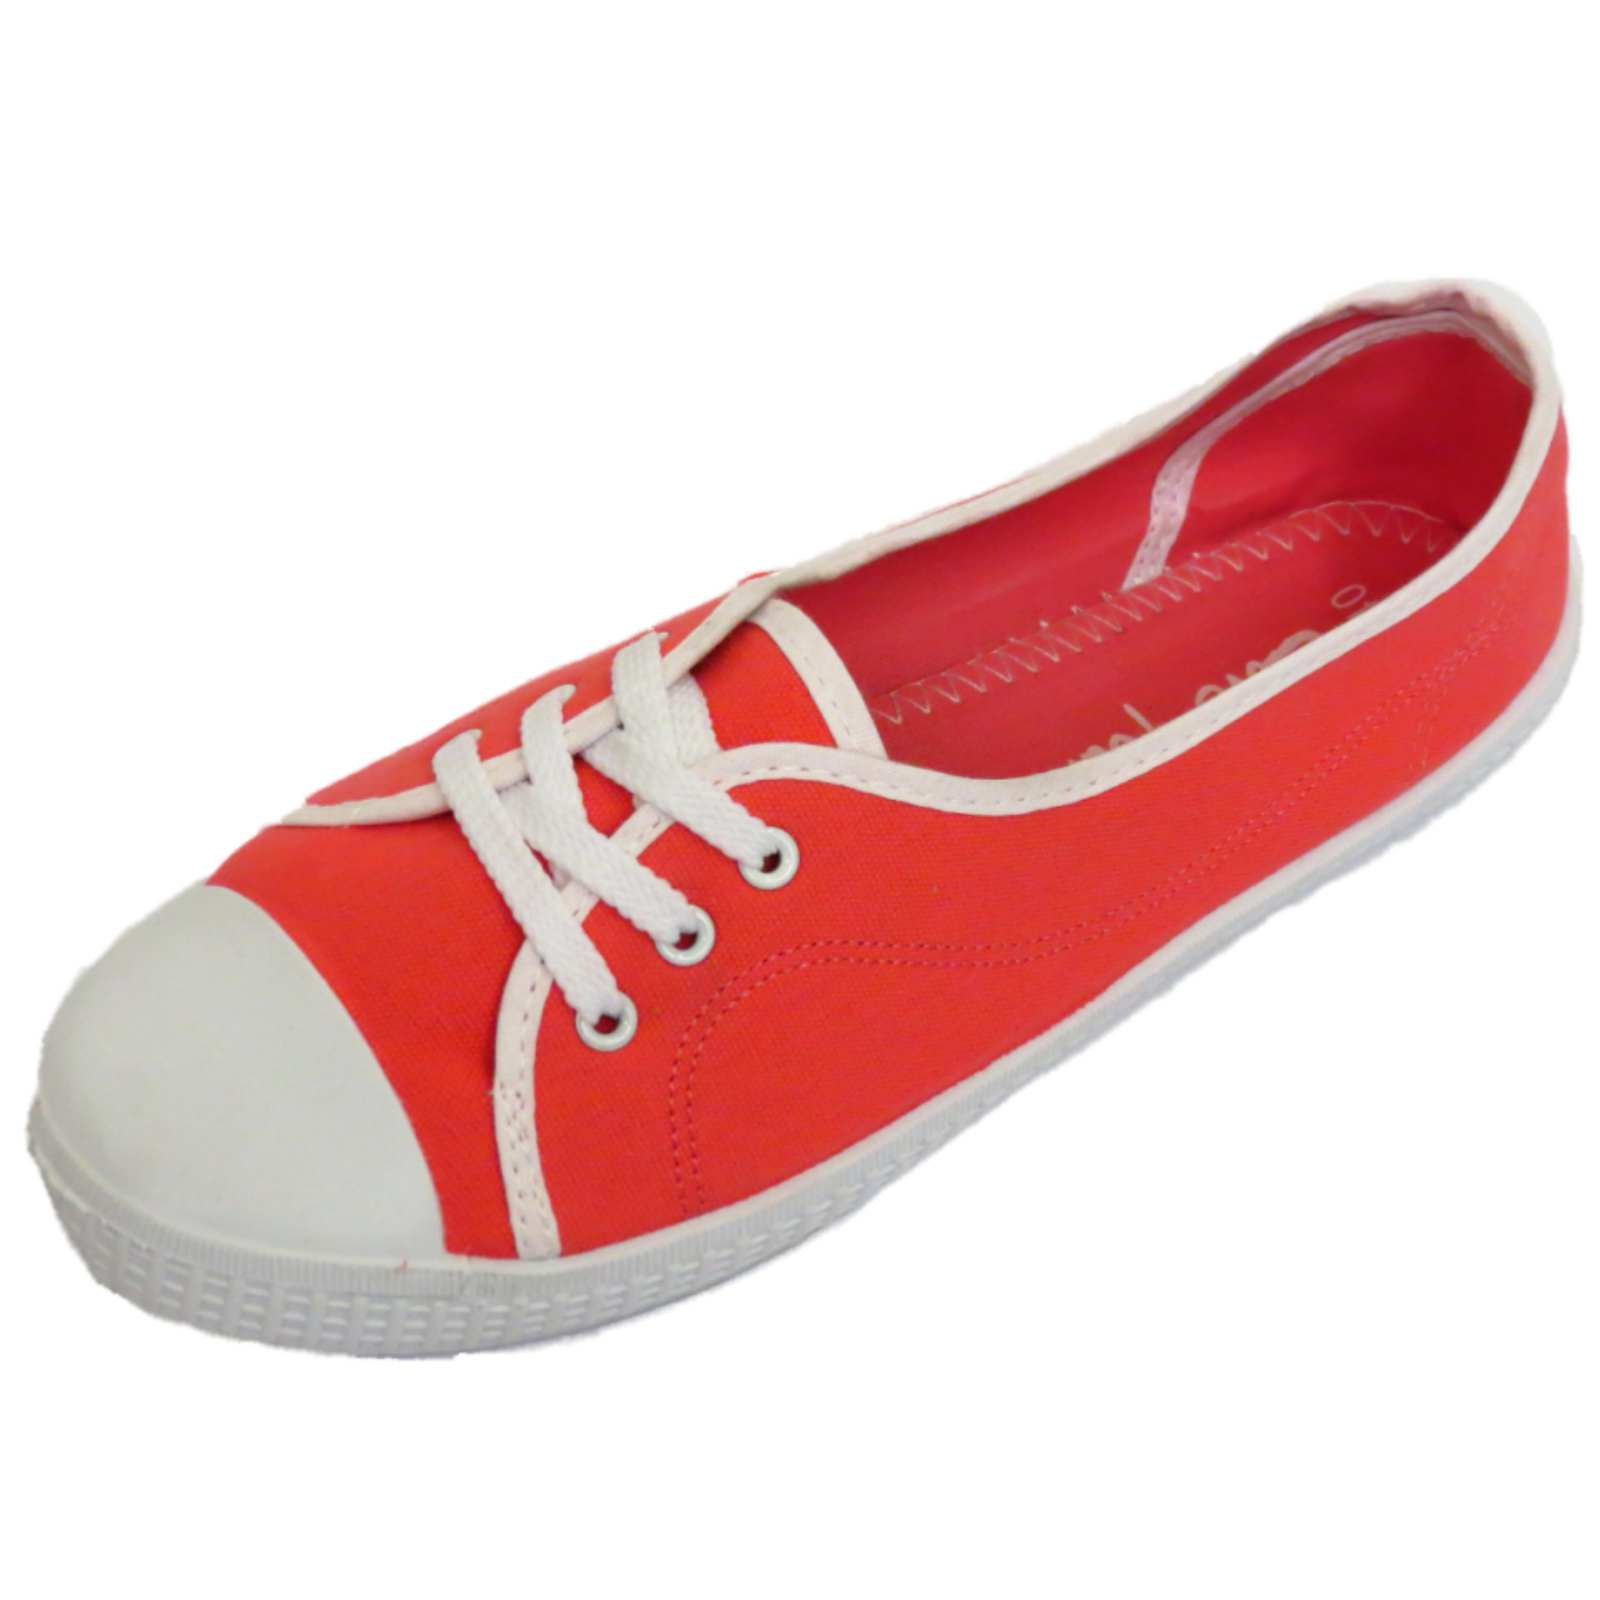 Señoras Rojo Slip-on Lona Playera Bombas Zapatos Informales Planos entrenador Tallas 3-9